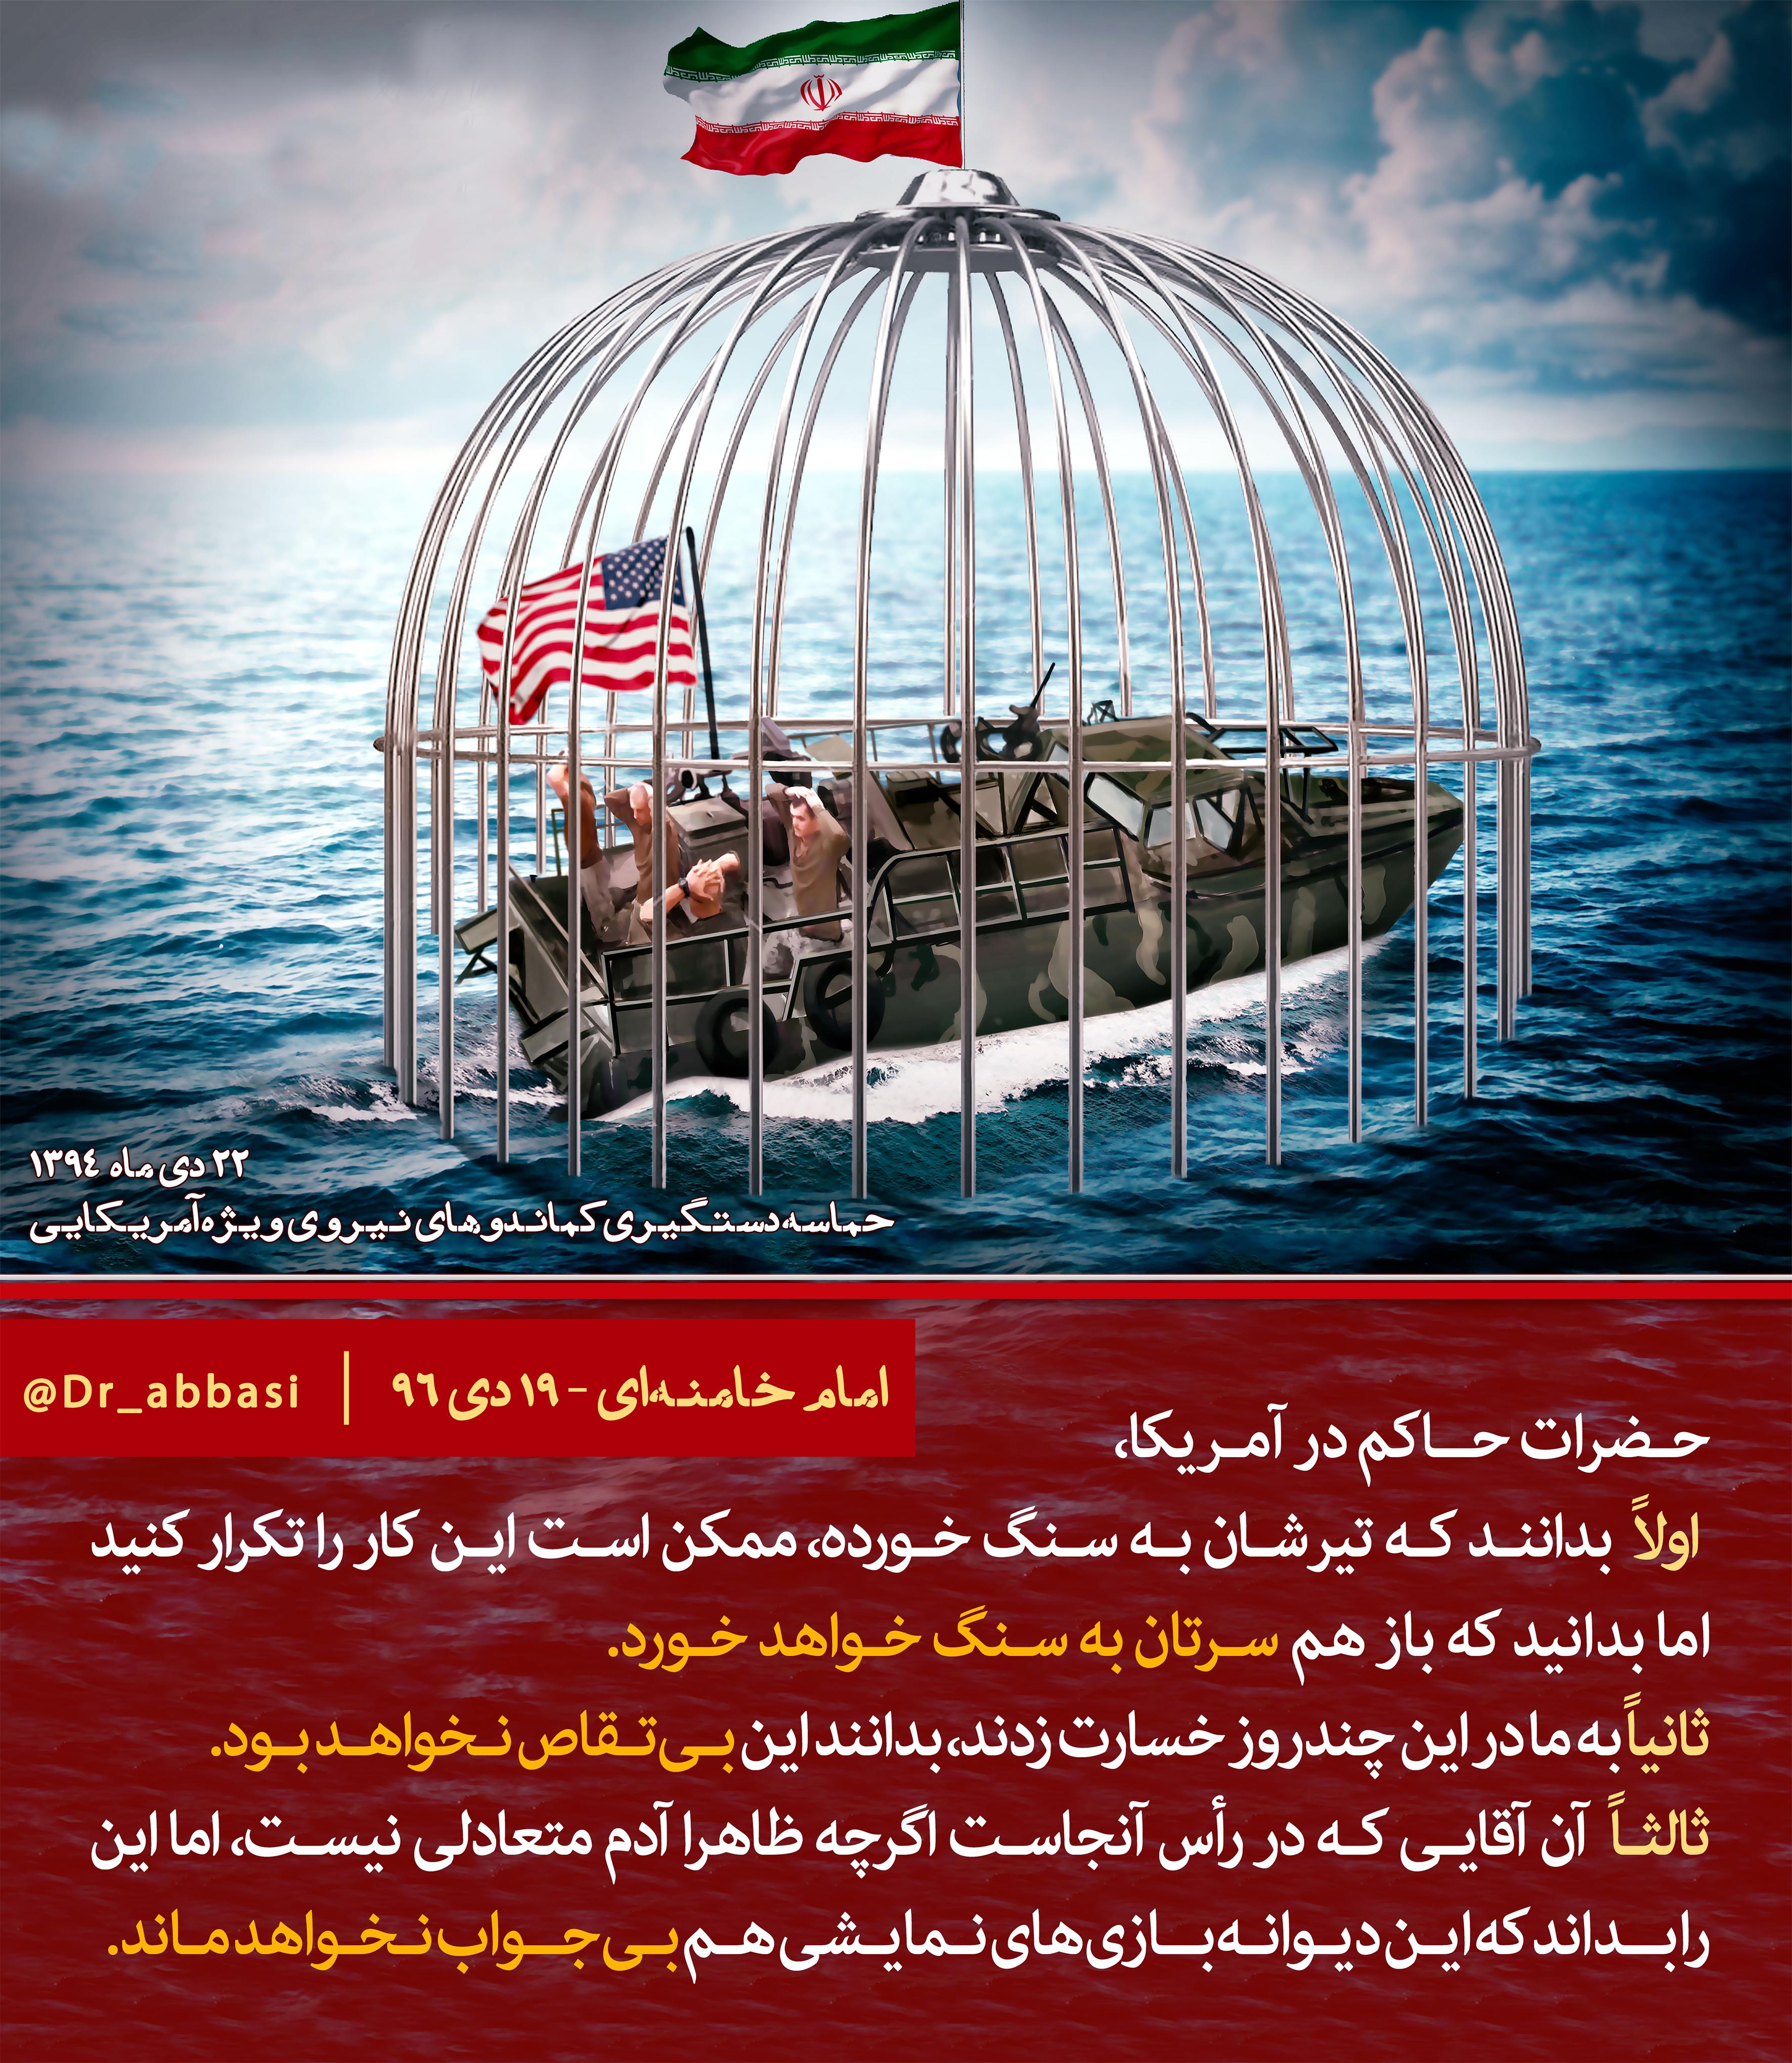 """دومین سالروز حماسه دستگیری کماندوهای متجاوز آمریکایی """"Navy's SEALs"""" گریه وحشت و عذرخواهی فرماندهشان در برابر دوربین تلویزیون گرامیباد"""